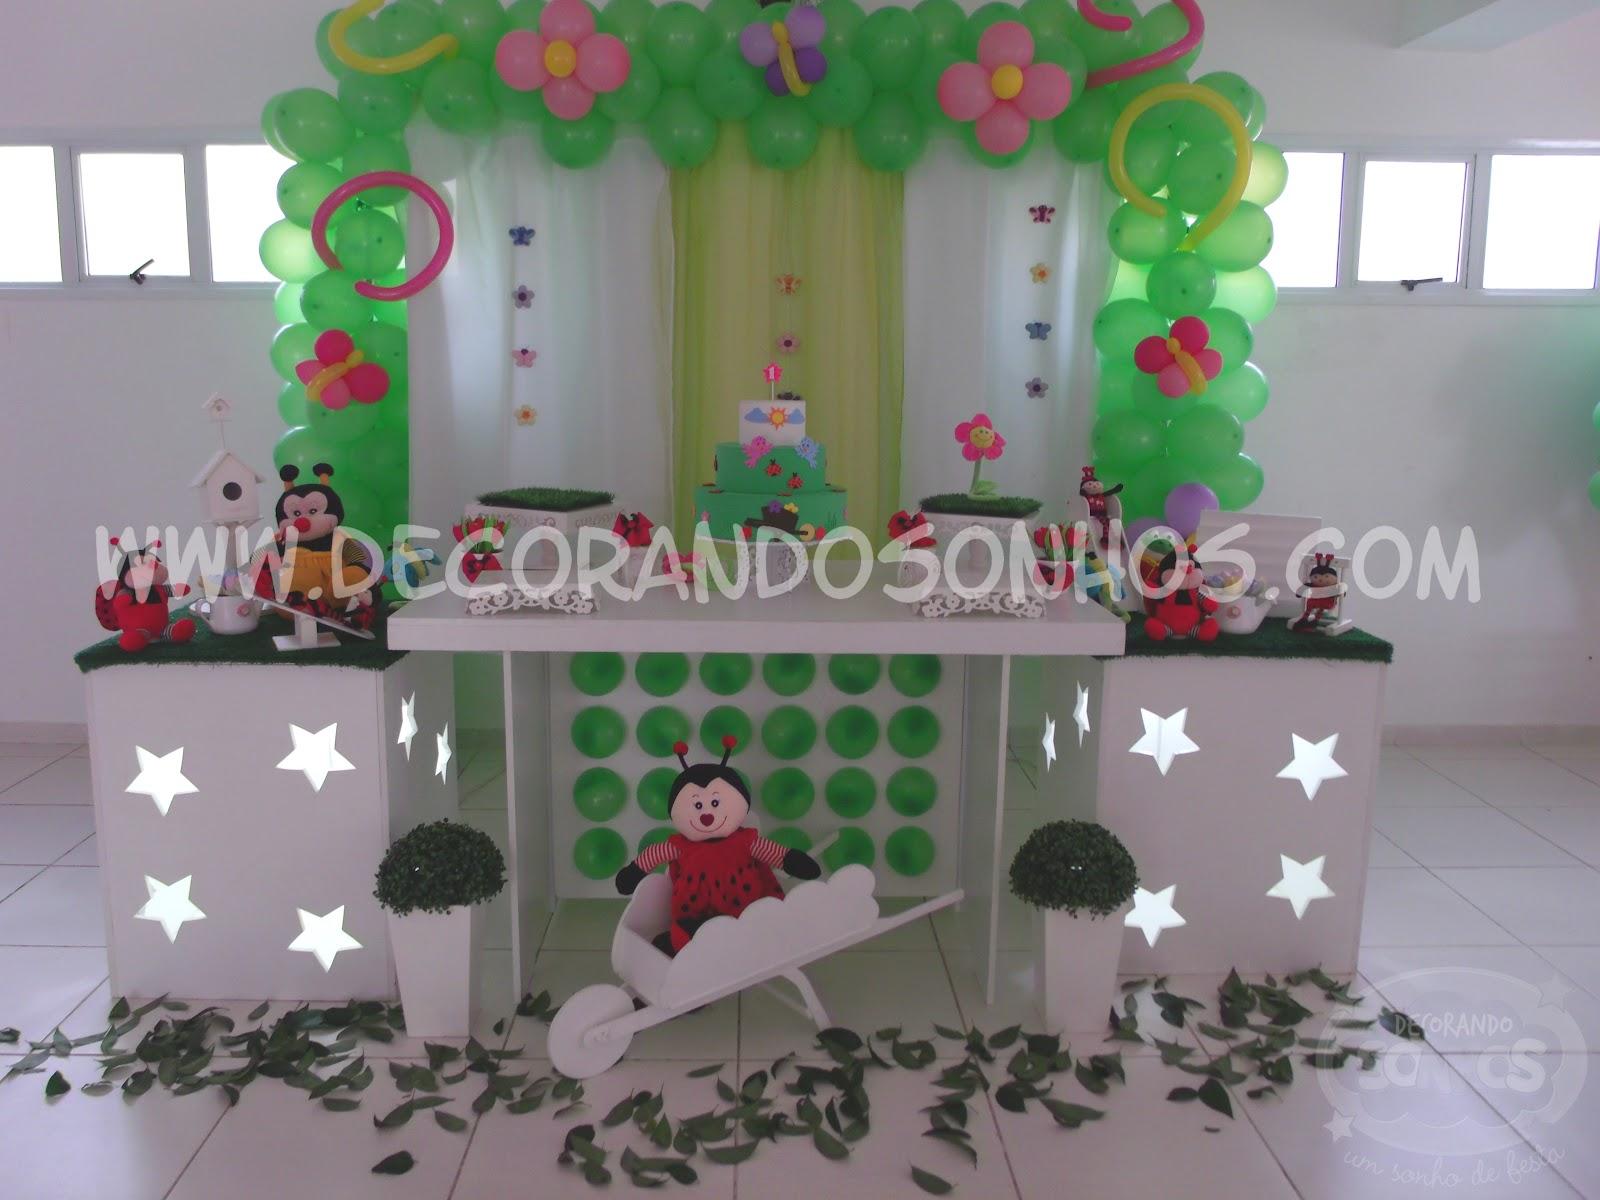 festa infantil jardim encantado lembrancinha : festa infantil jardim encantado lembrancinha:decoracao+jardim+encantado+clean+festa+infantil+jardim+encantado